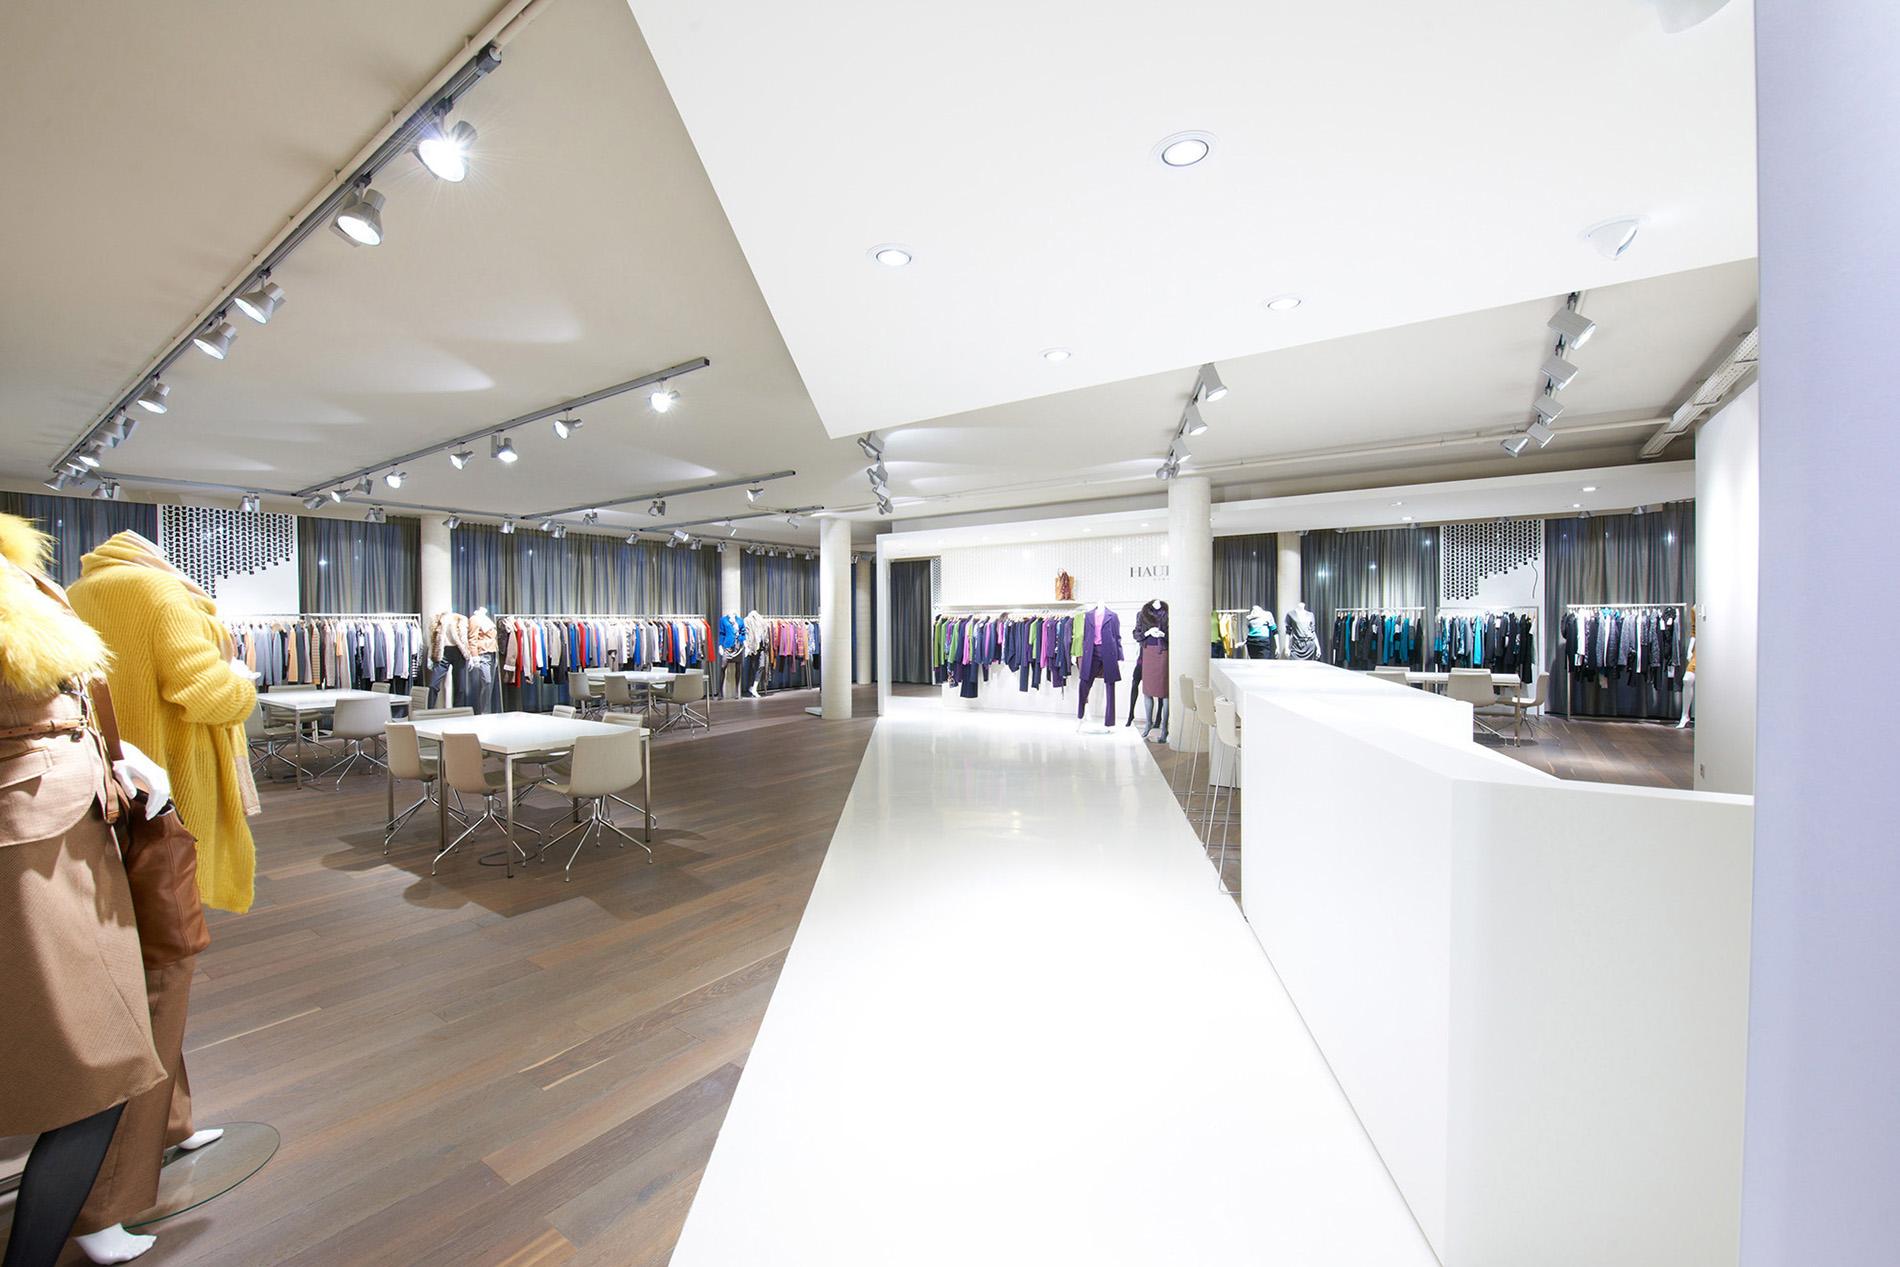 Fotodesign-matthias-schütz-hauber-showroom-7